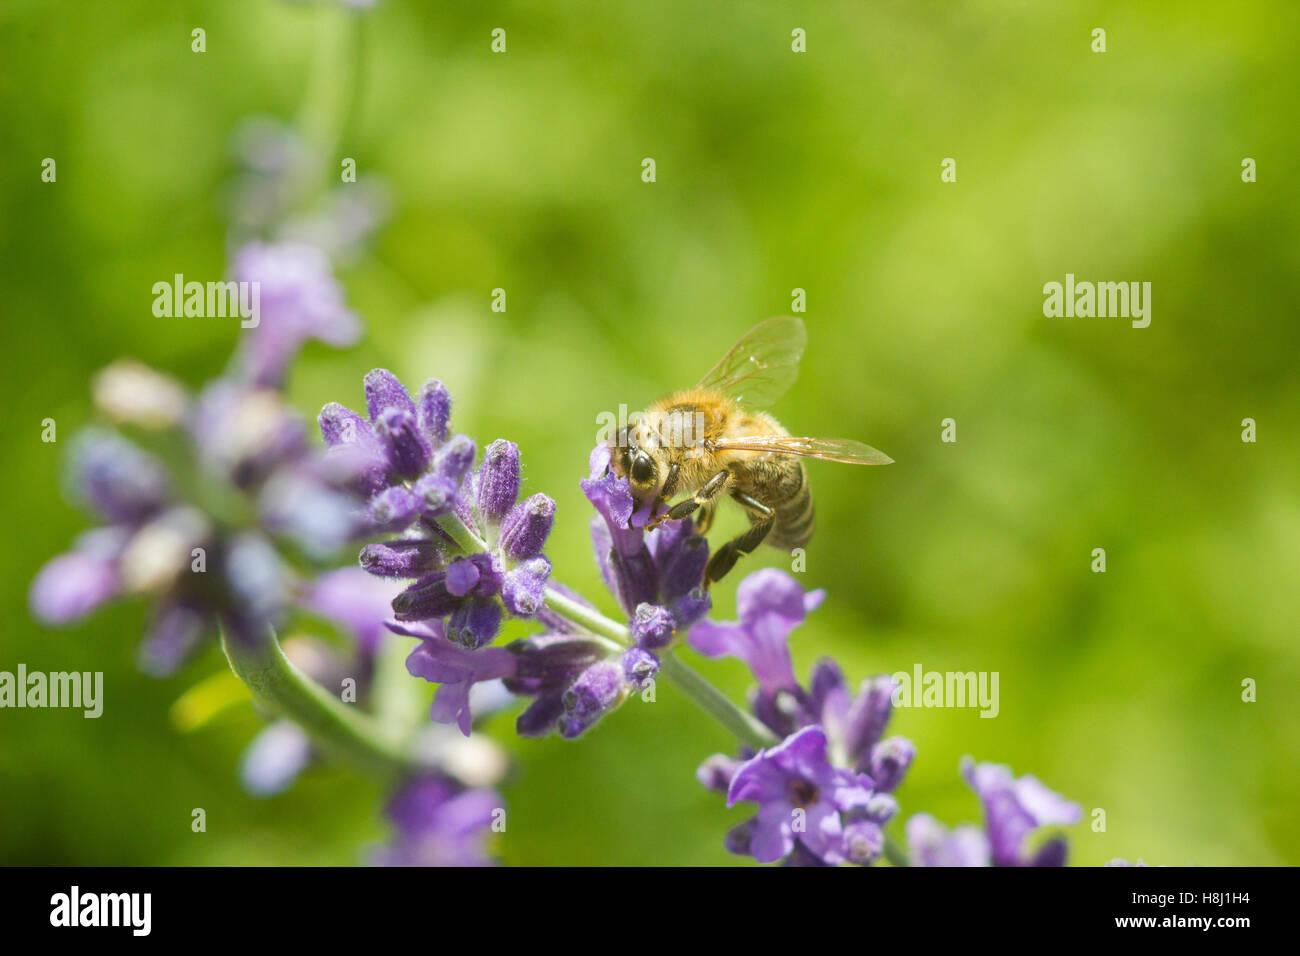 Honeybee on lavender flower macro closeup - Stock Image